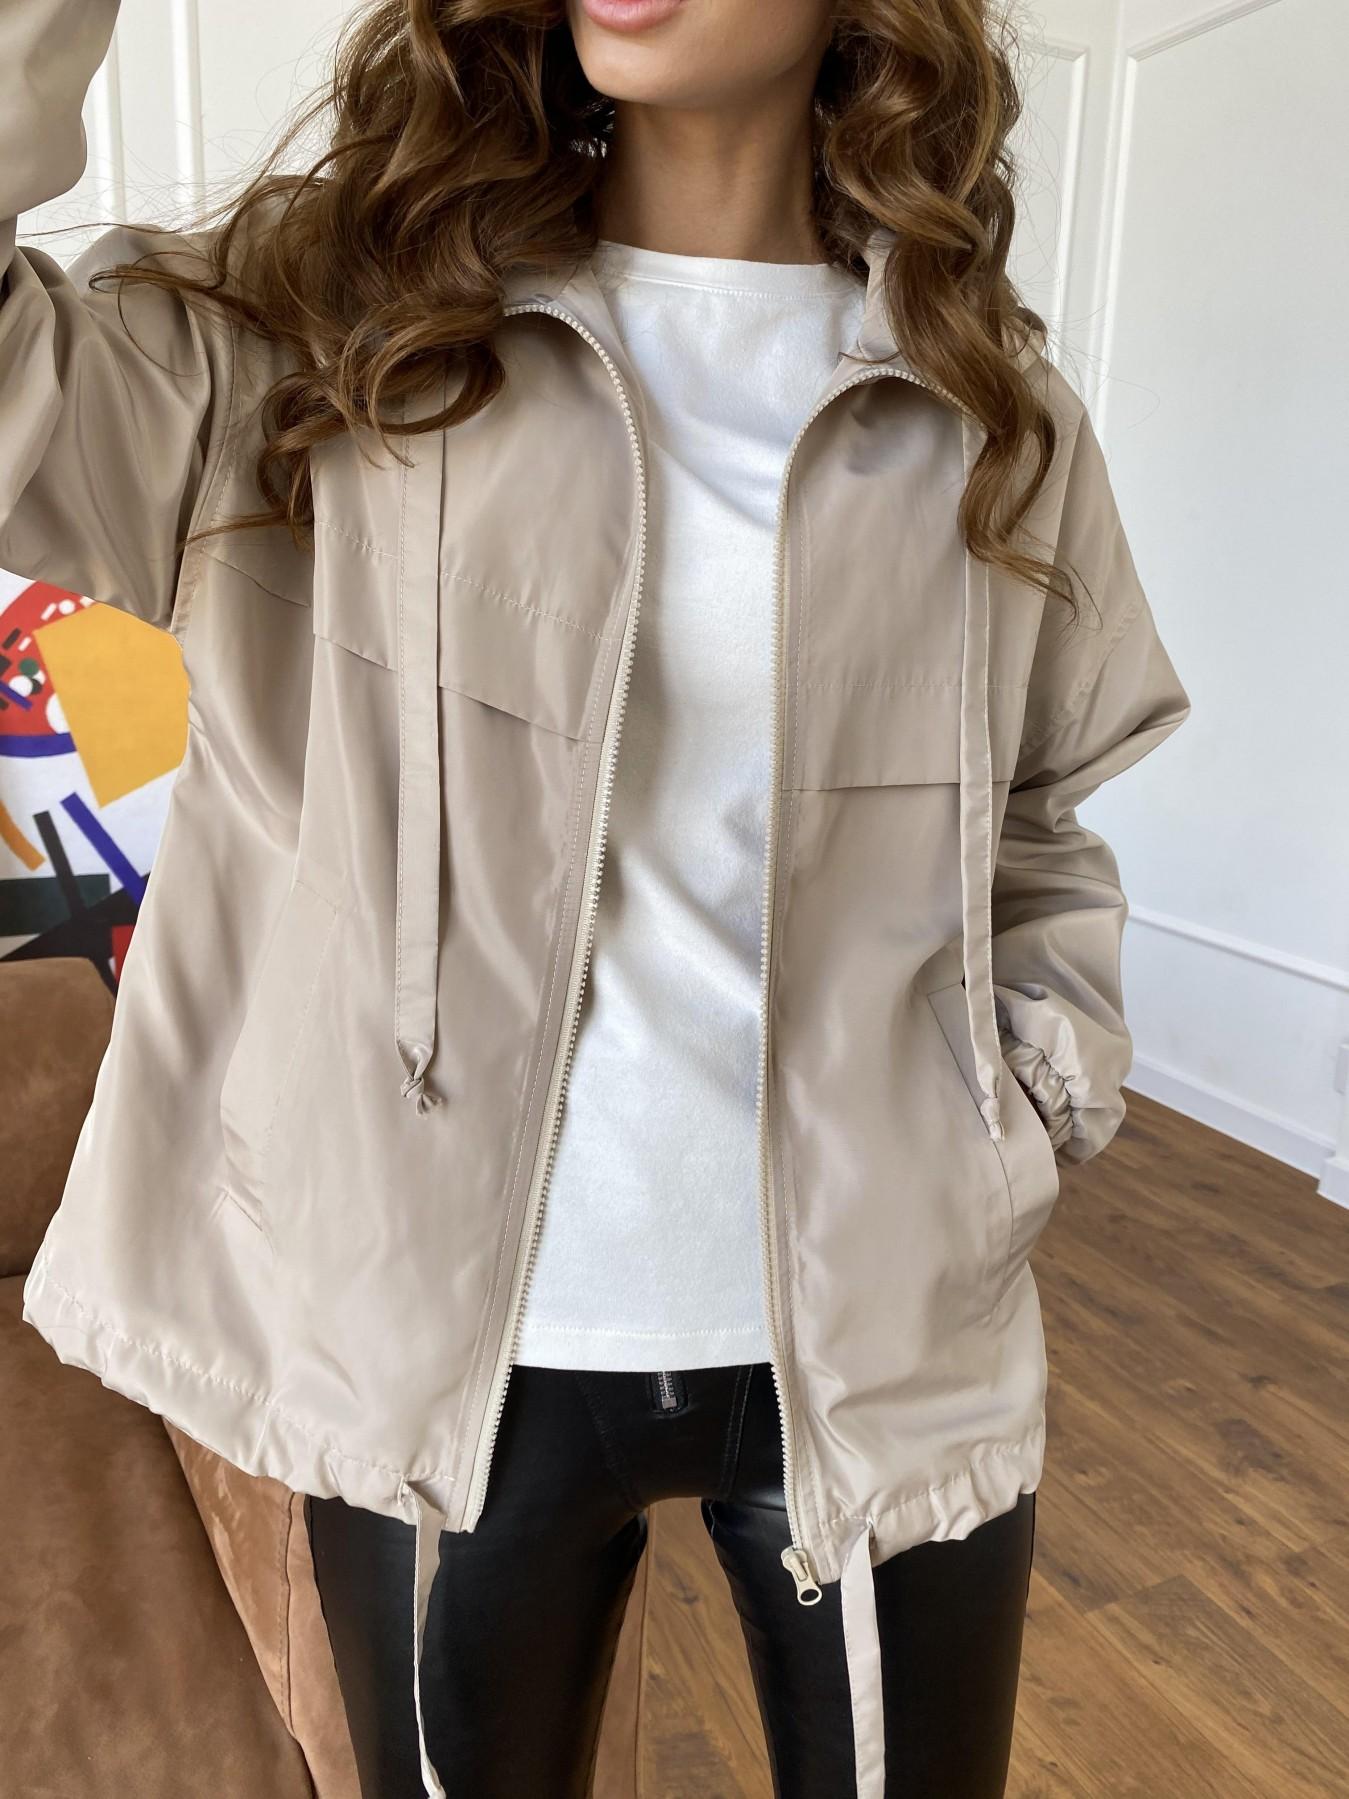 Фит куртка из плащевки Ammy 10971 АРТ. 47466 Цвет: Бежевый - фото 2, интернет магазин tm-modus.ru